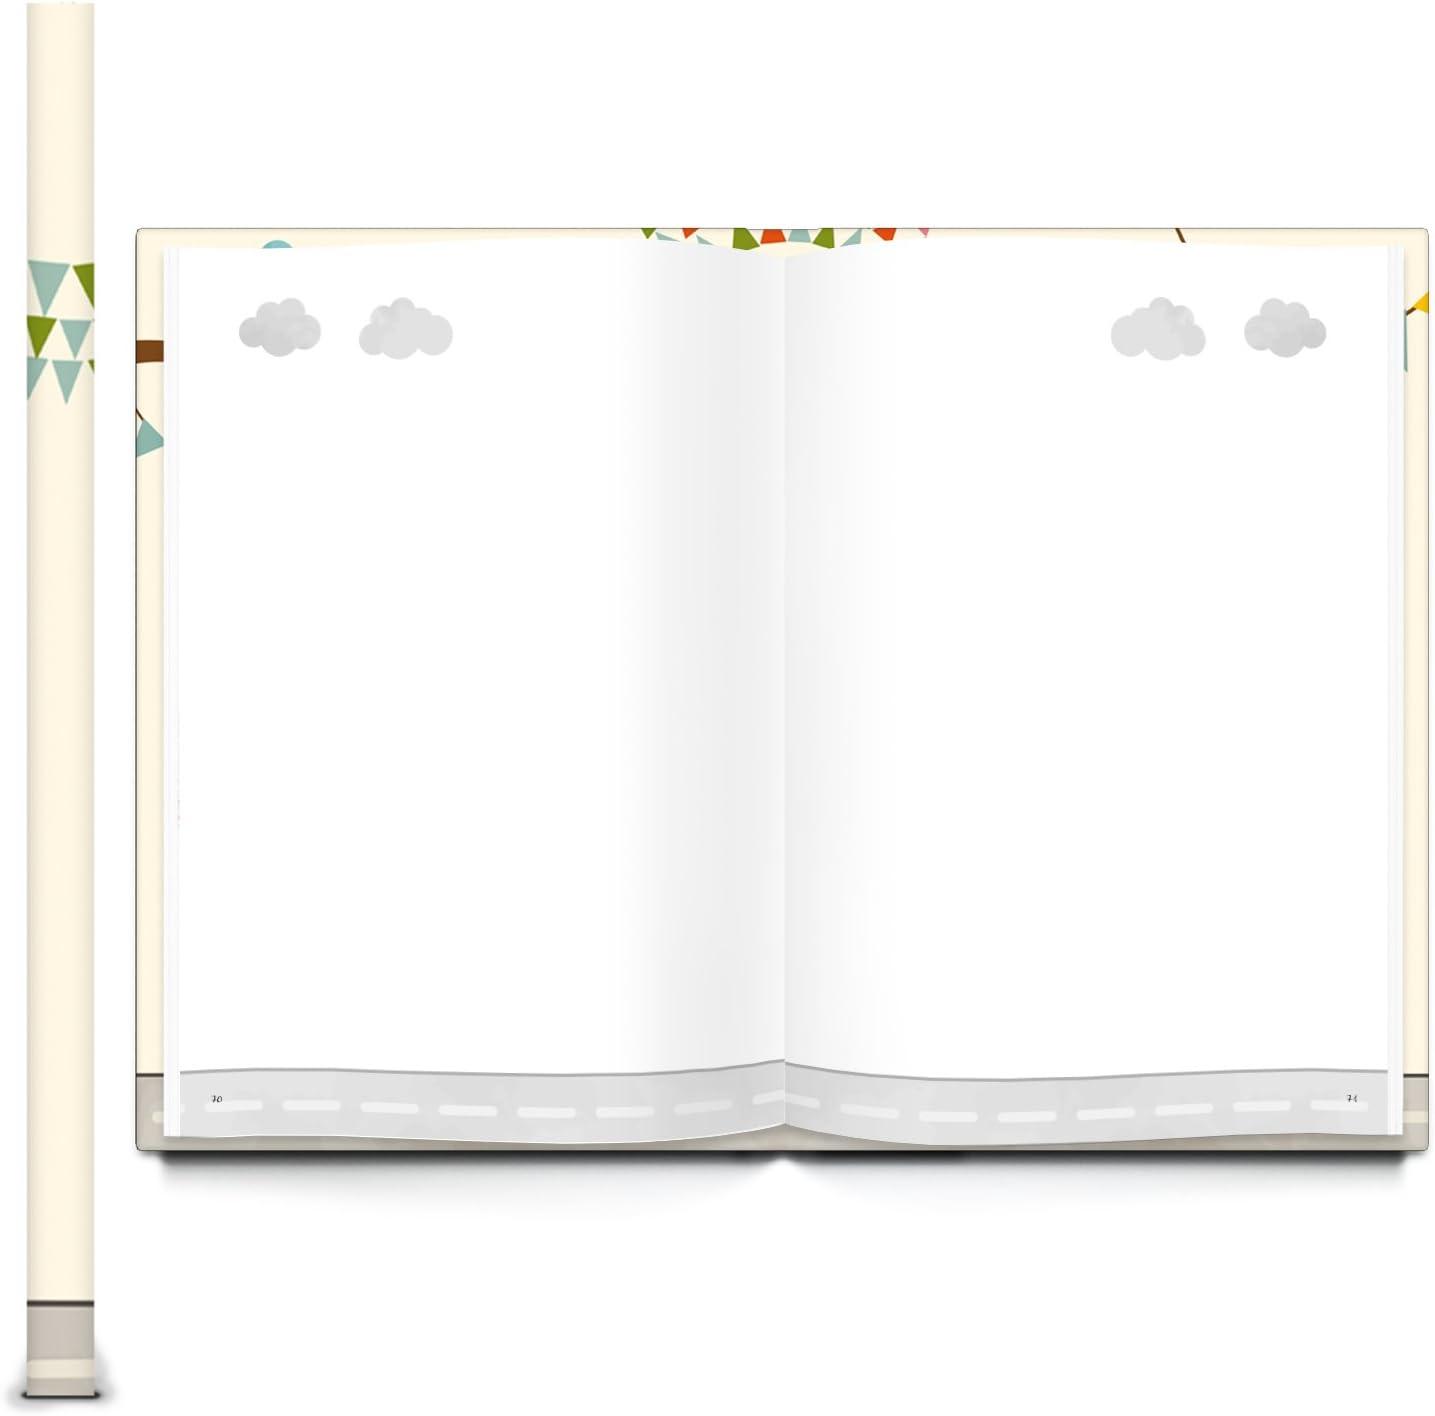 Logbuch-Verlag XXL diario taccuino beige colorato per bambini beb/è neonati orsetto macchina A4 vuoto scrivere copertina rigida